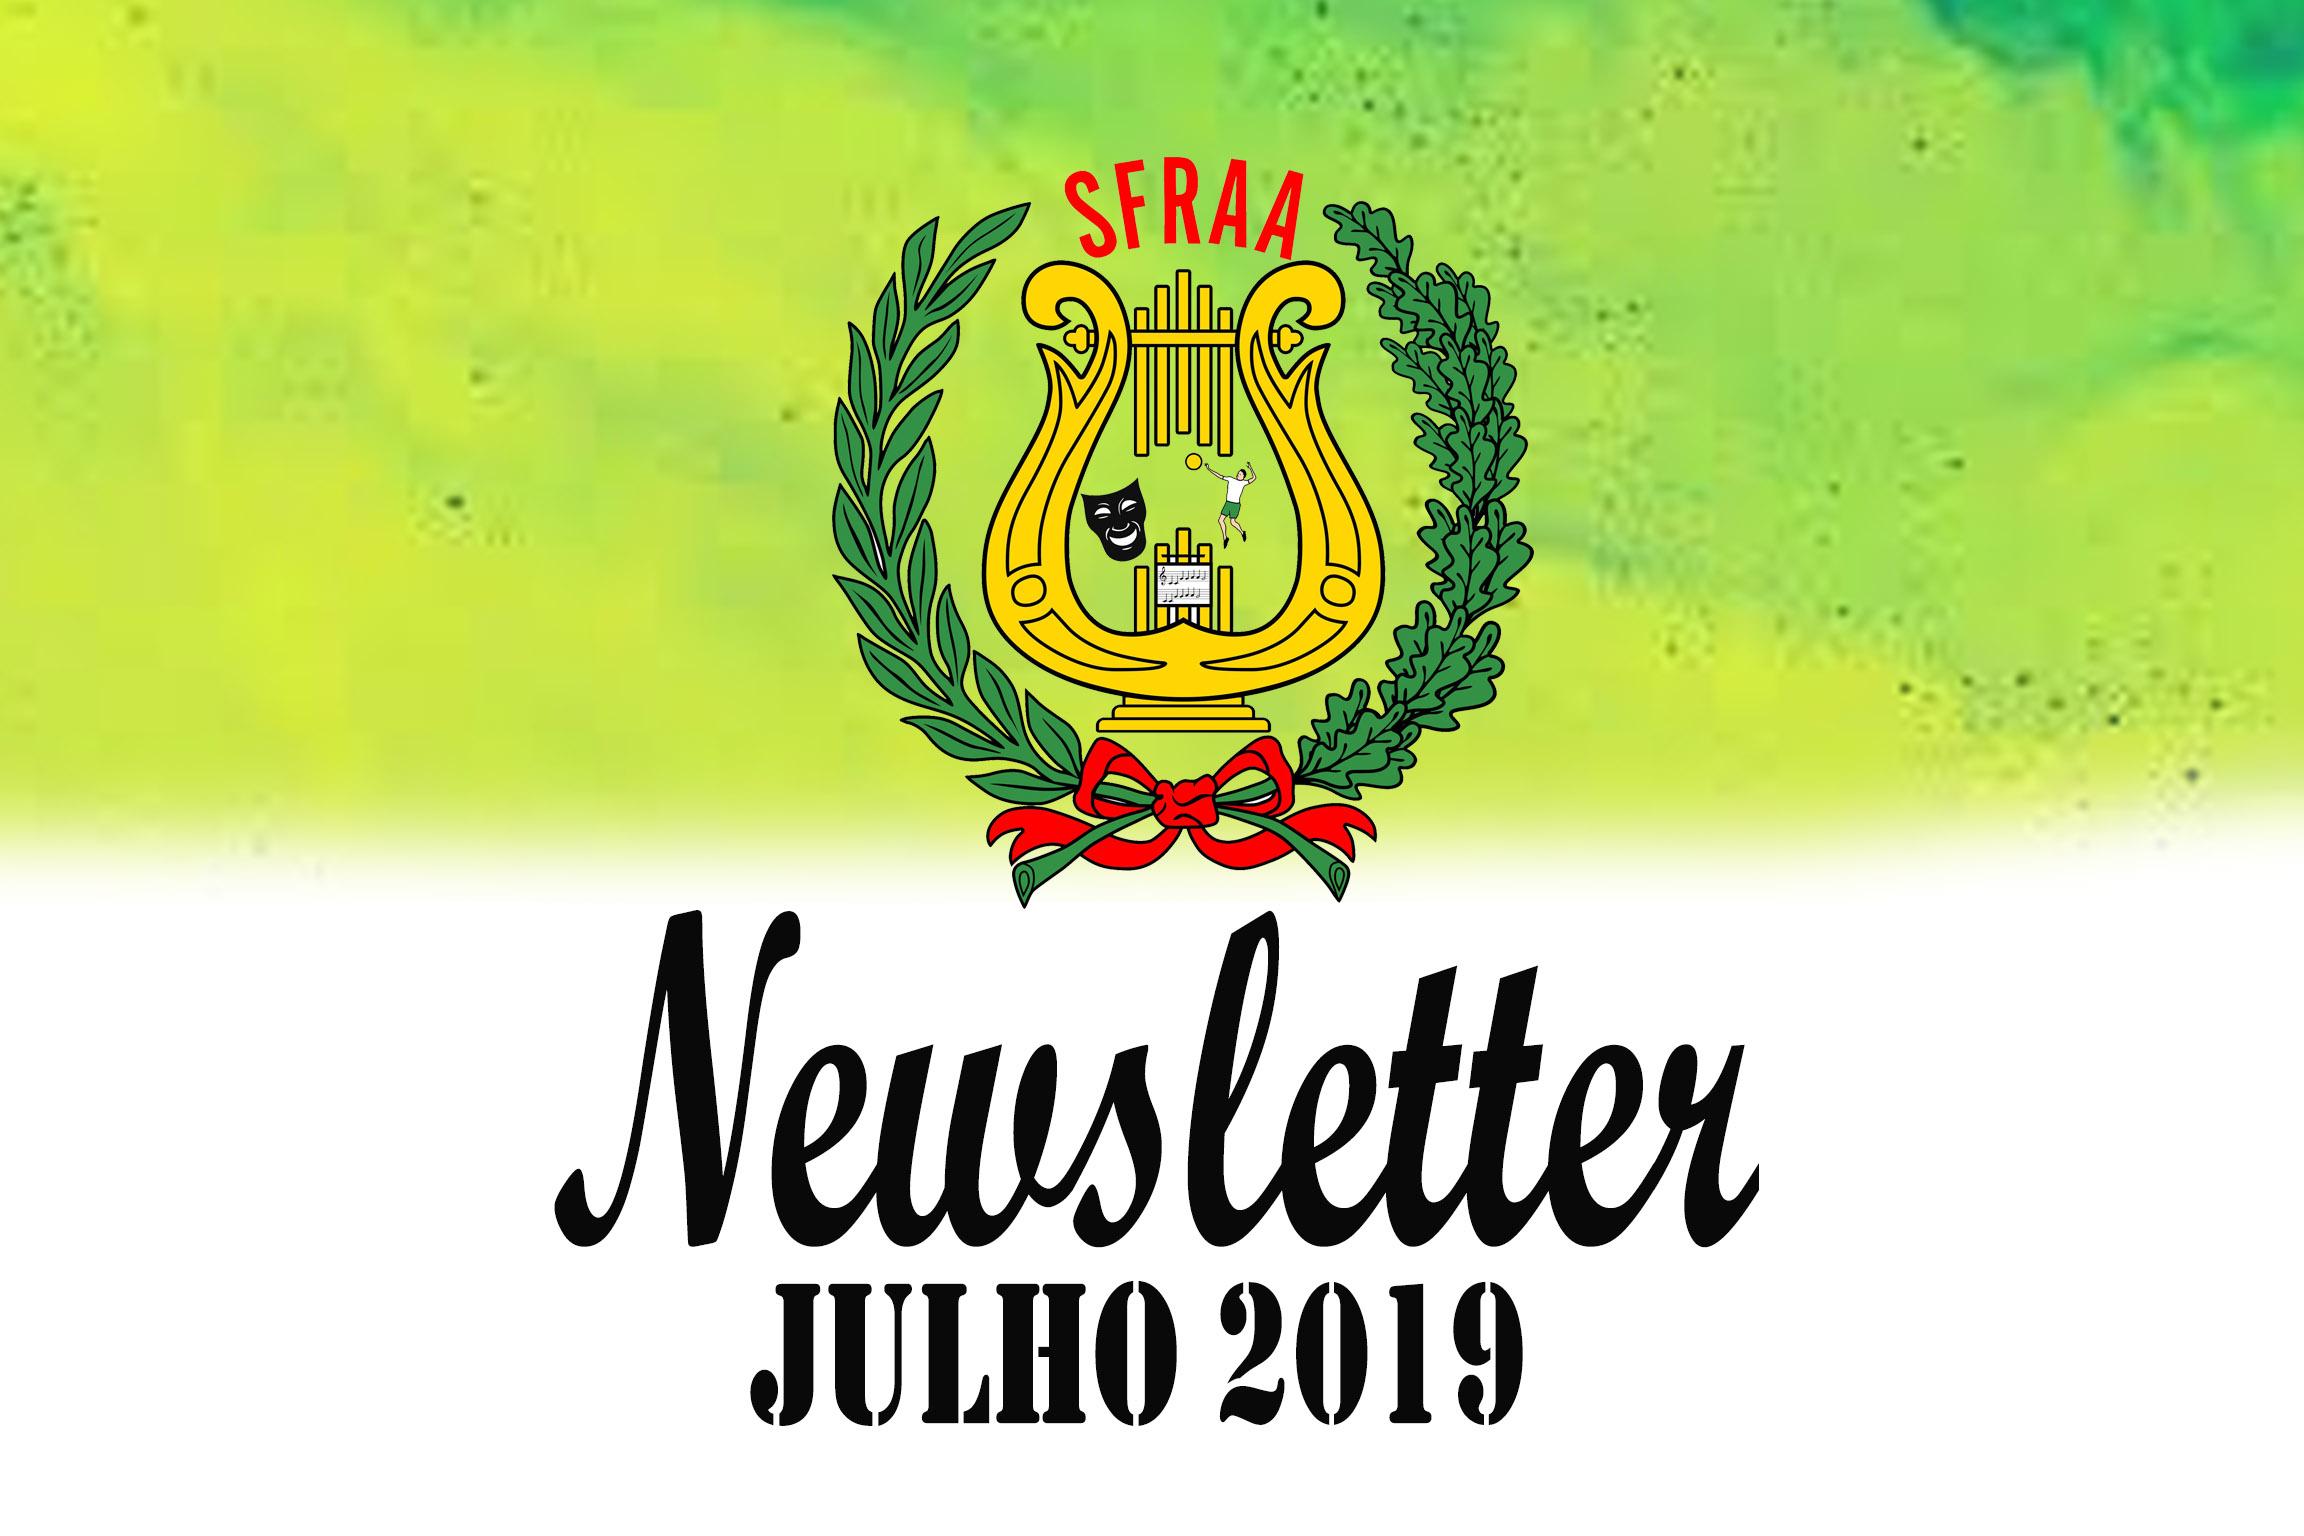 Newsletter Julho 2019